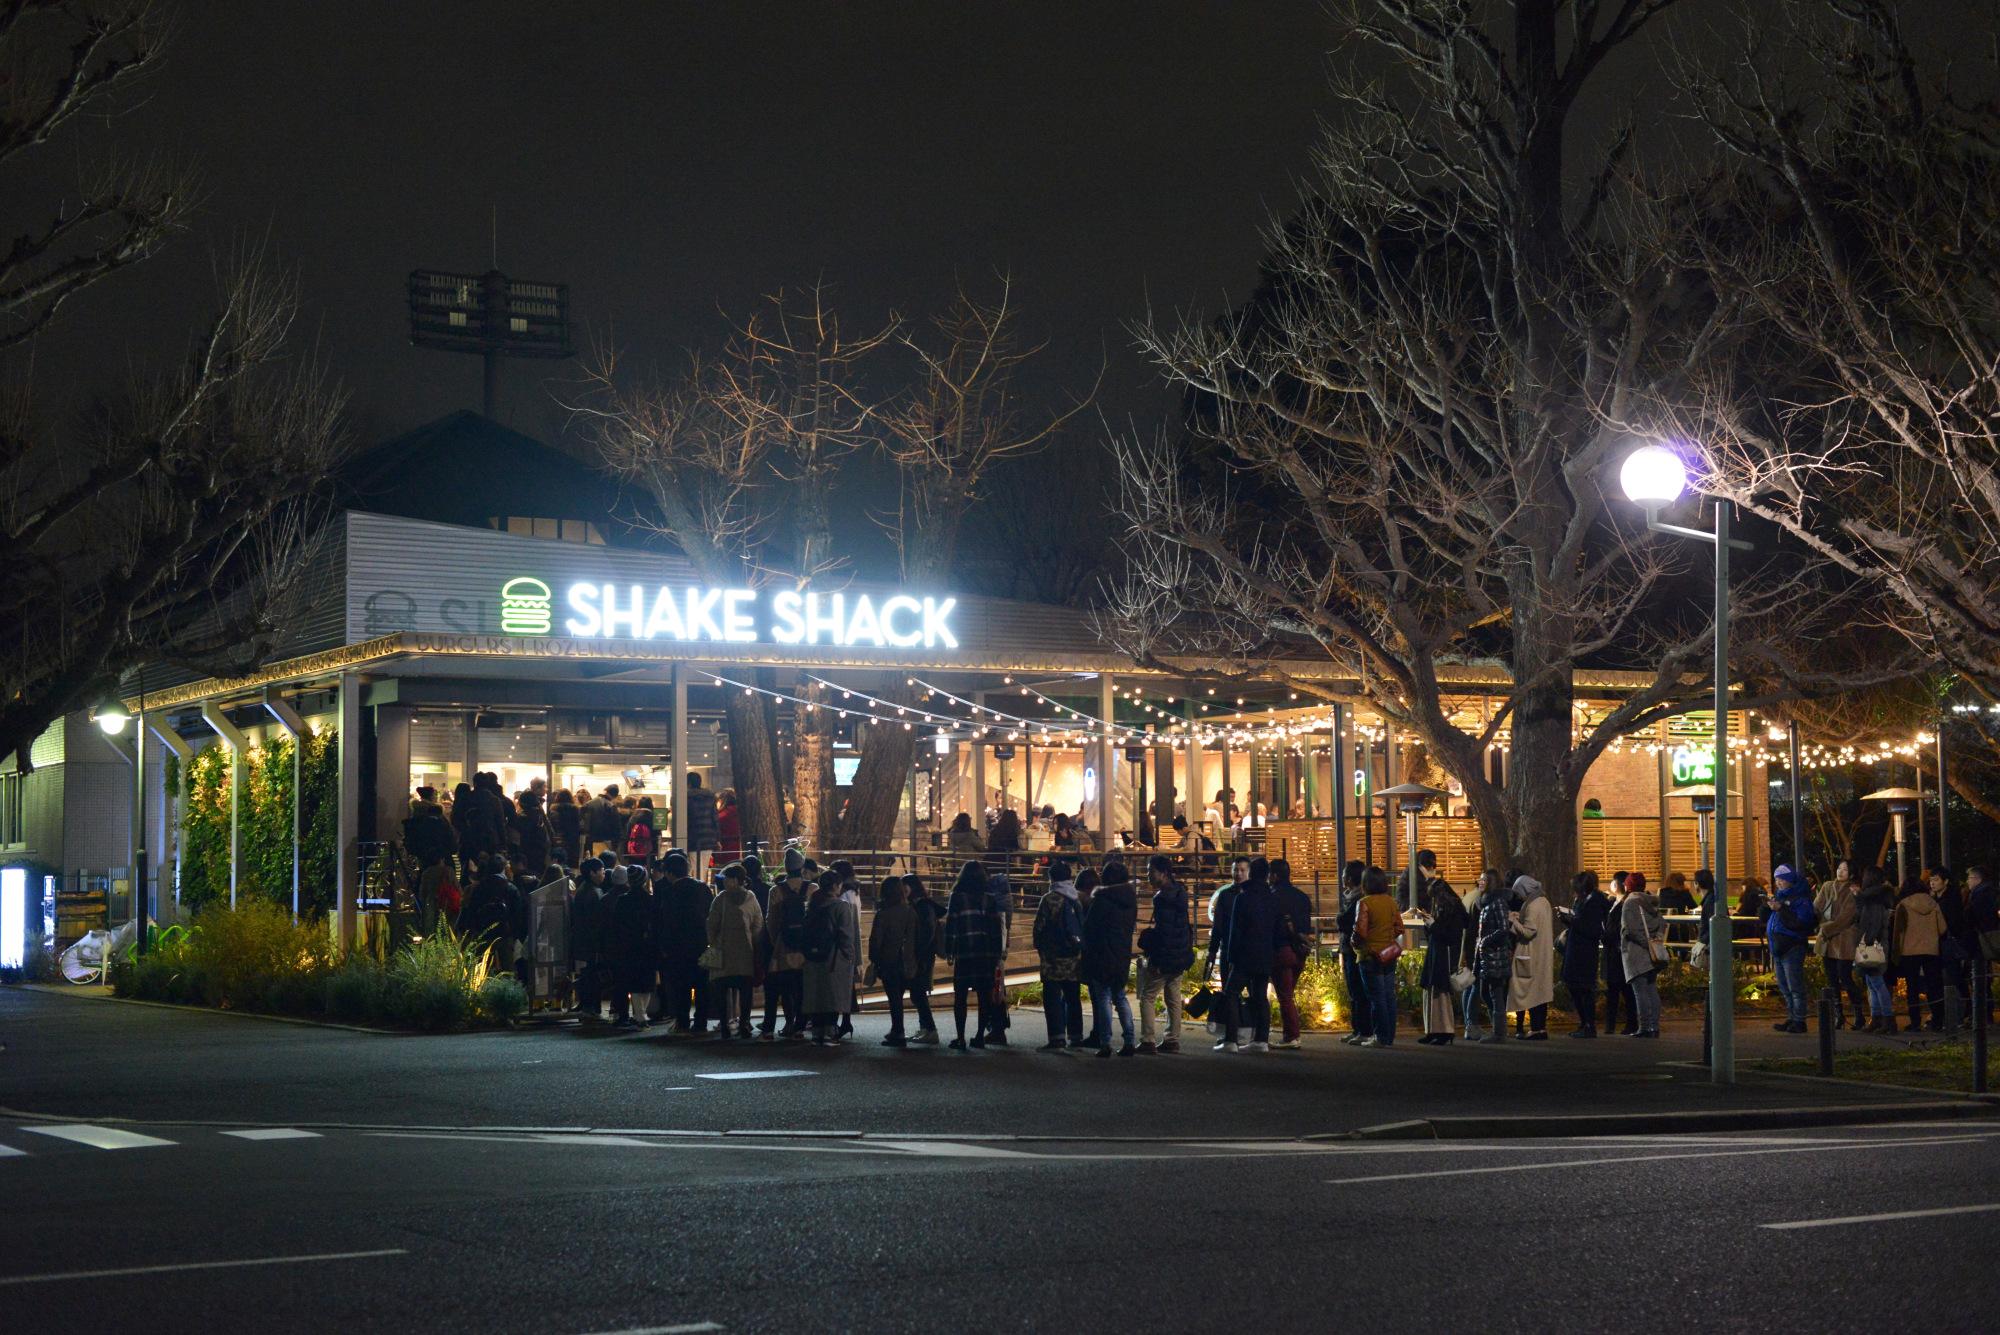 Shake-shack 1.jpg